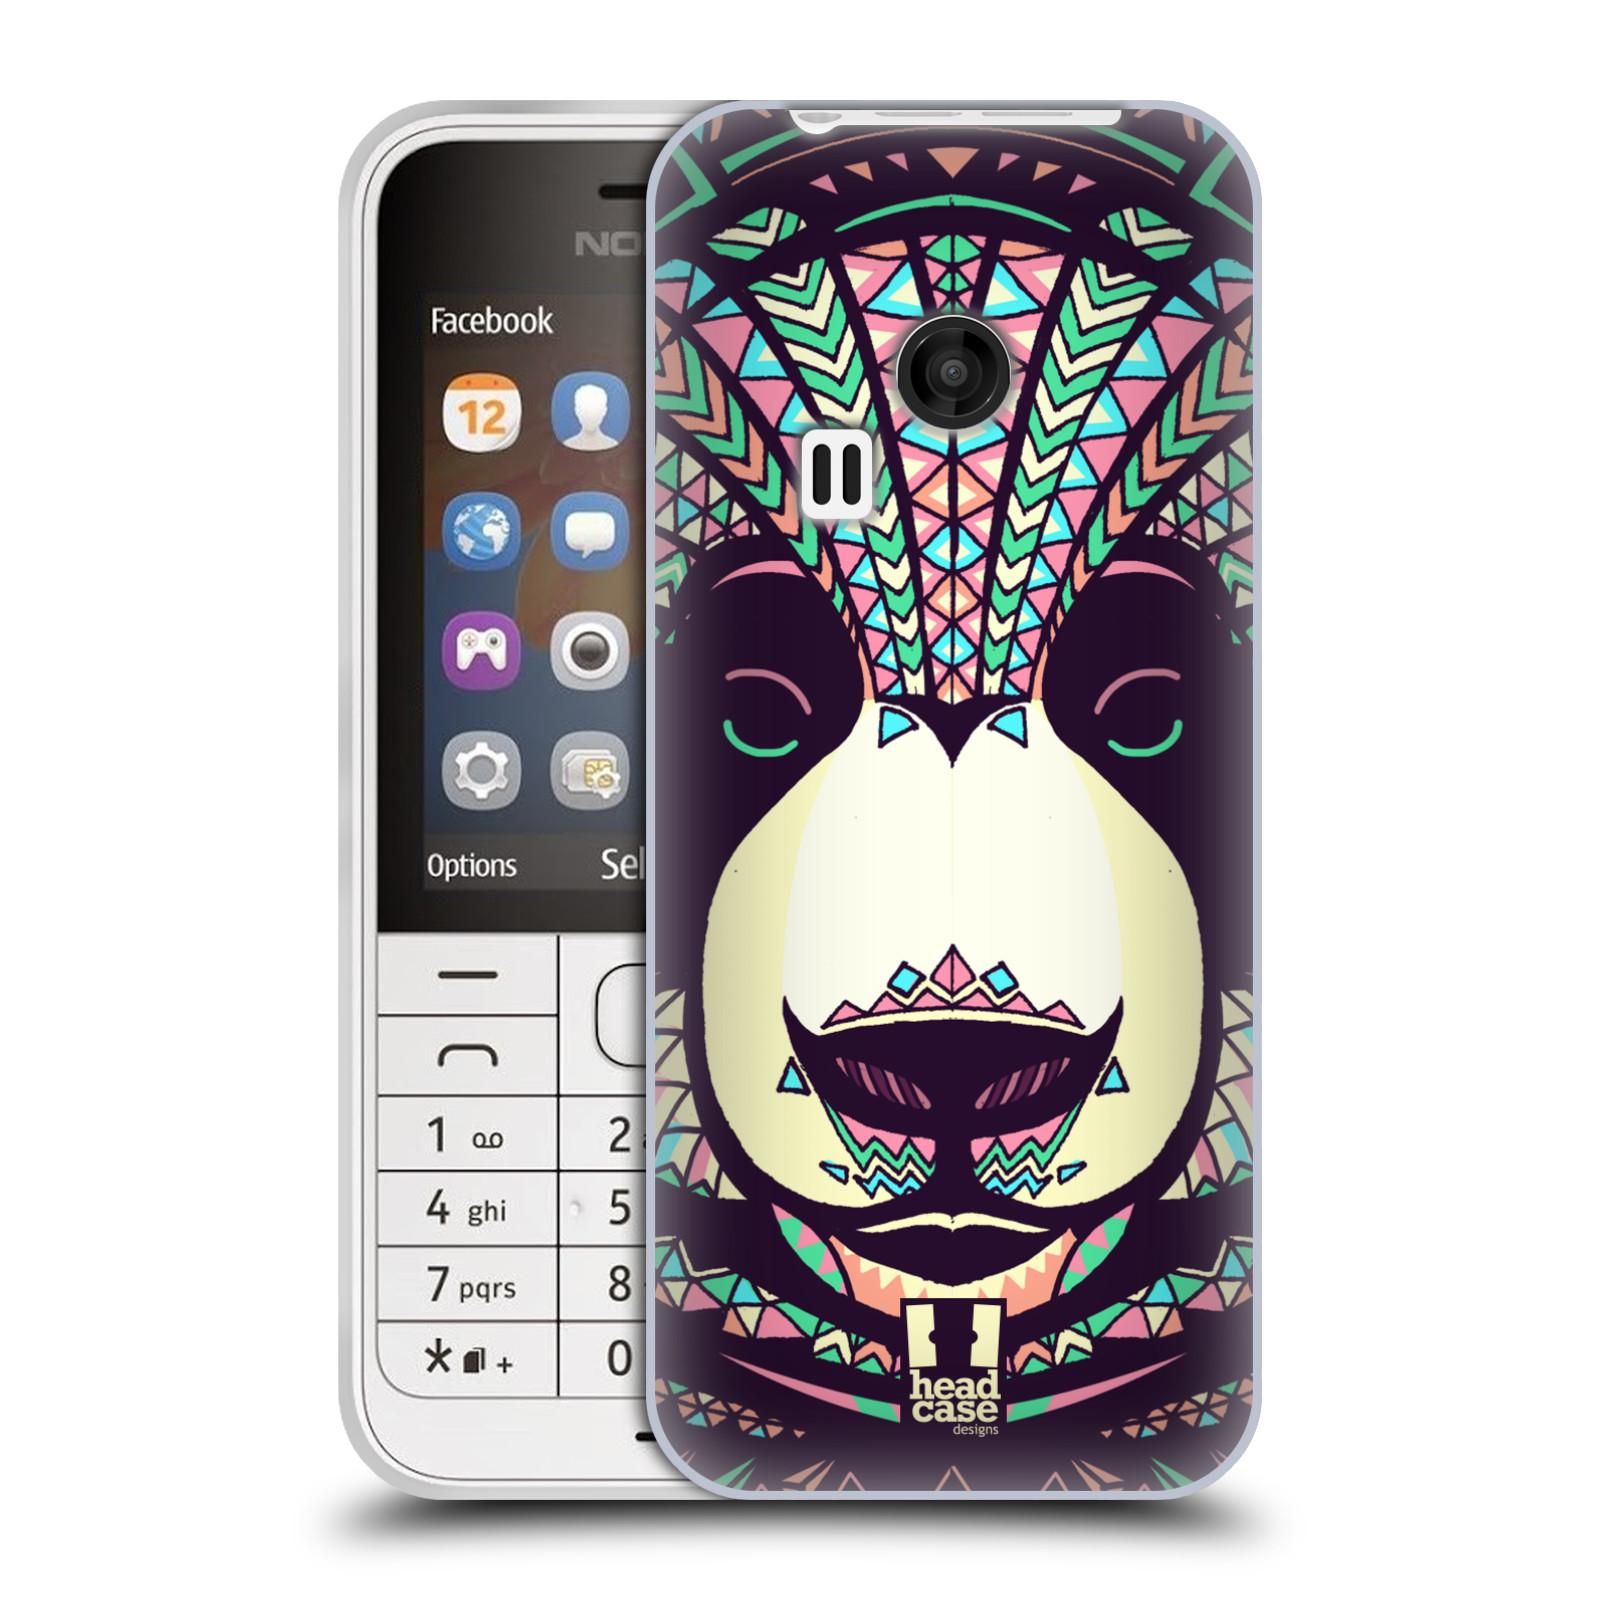 HEAD CASE silikonový obal na mobil NOKIA 220 / NOKIA 220 DUAL SIM vzor Aztécký motiv zvíře 3 panda